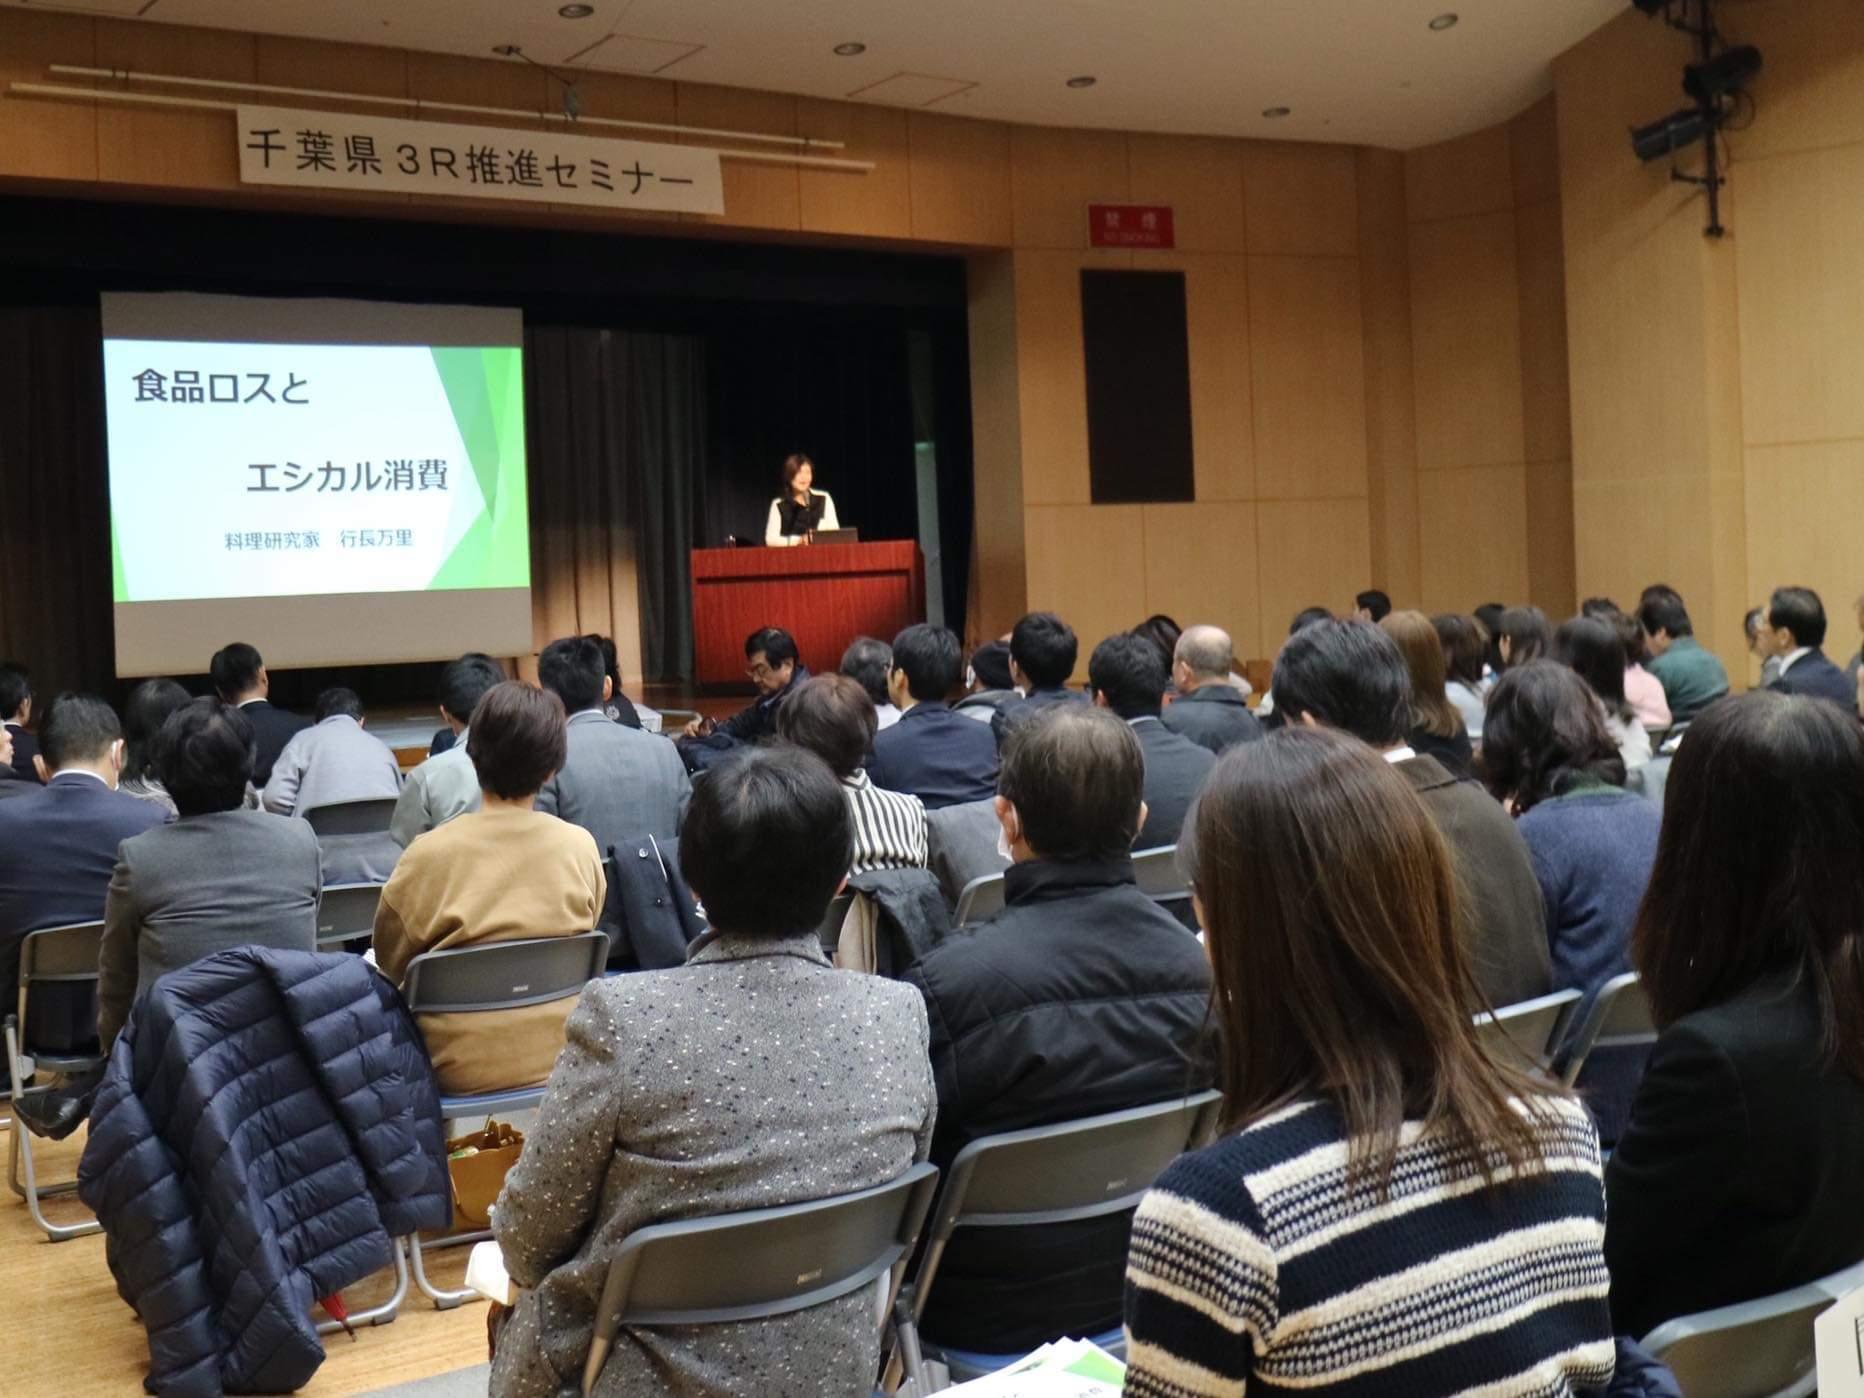 食品ロスをへらす❗️千葉県3Rセミナー_c0124528_18340850.jpeg